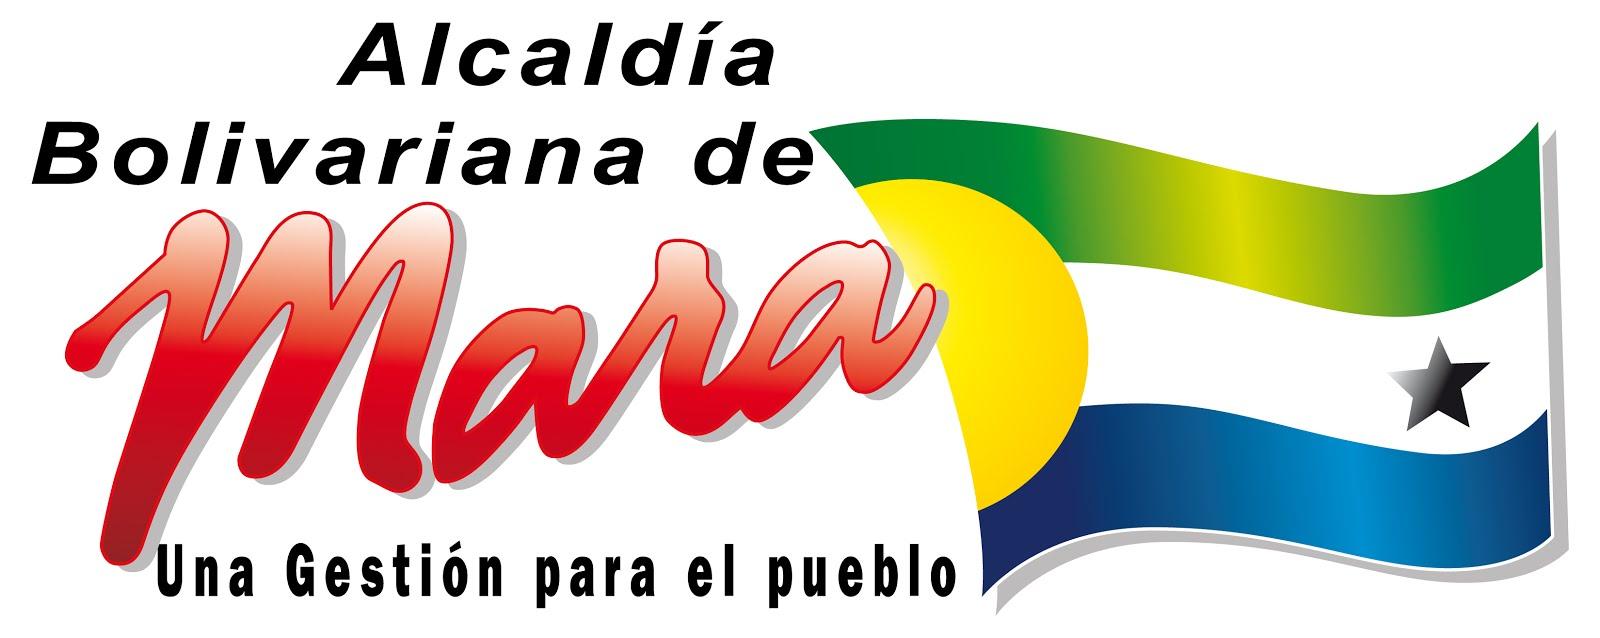 Alcaldía Bolivariana de Mara